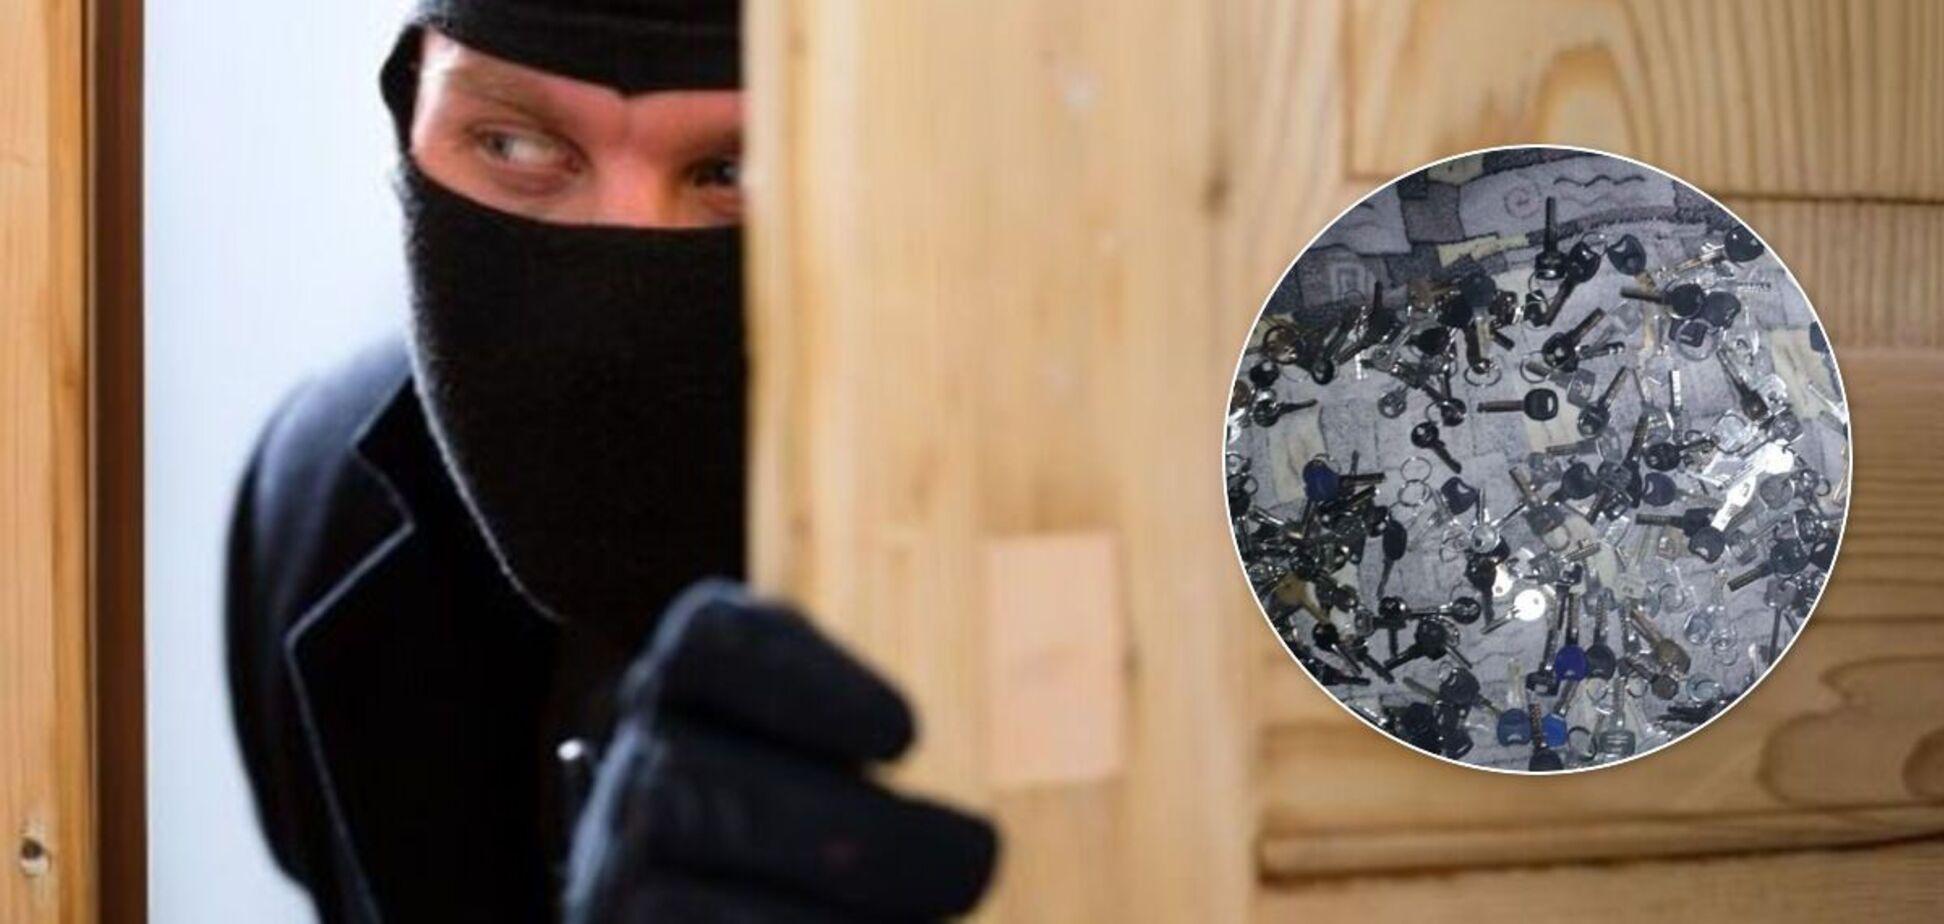 Двое иностранцев 'обнесли' квартиру в спальном районе Киева